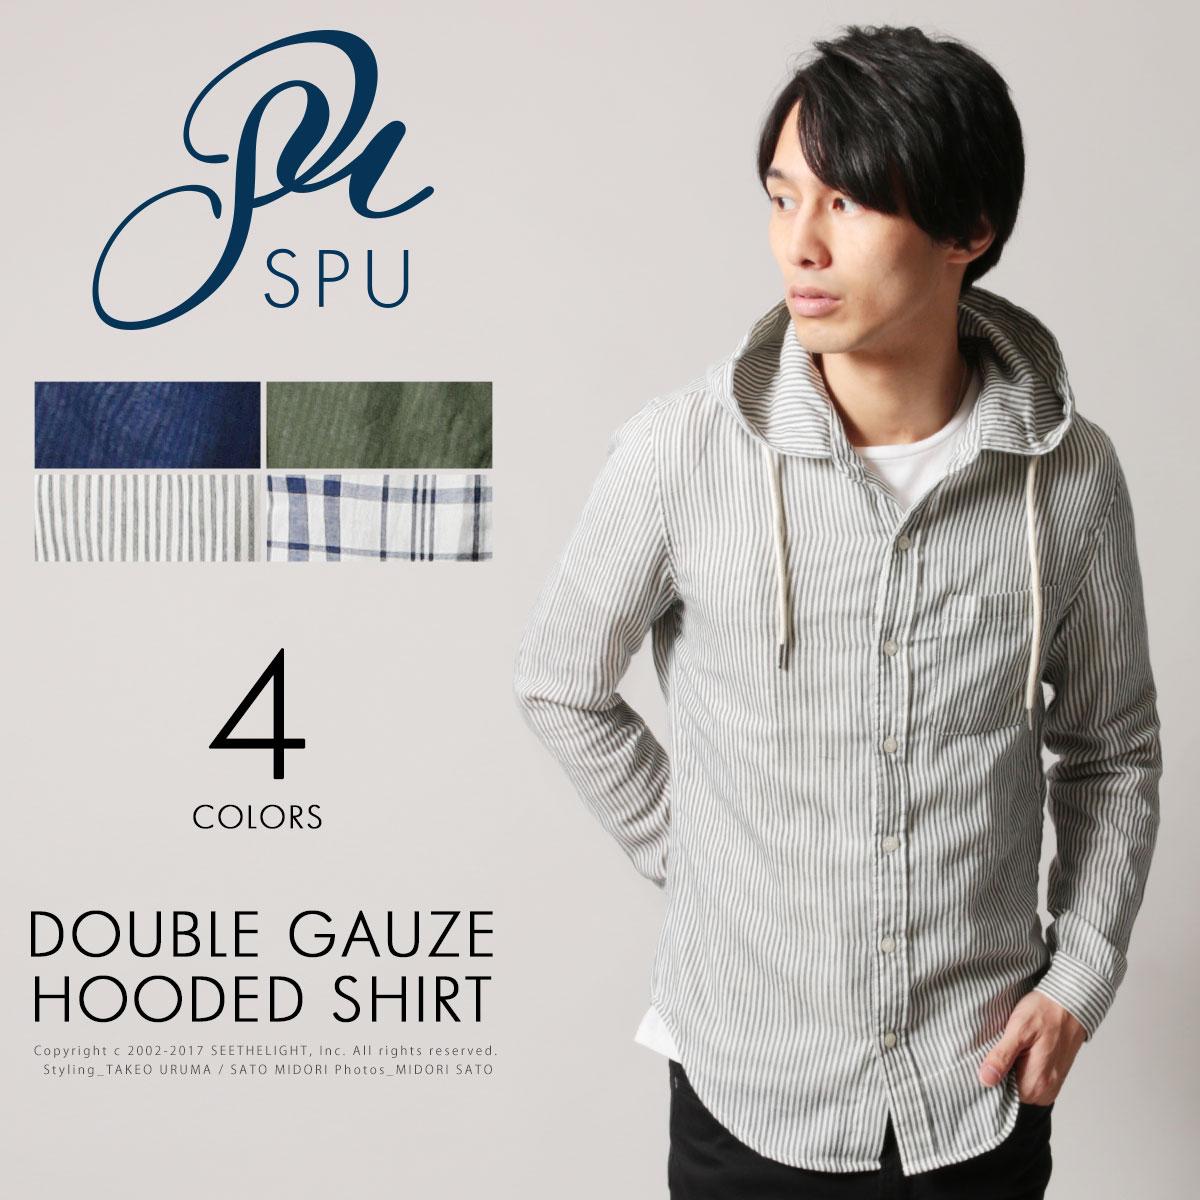 【セール対象】メンズ シャツ メンズファッション ダブルガーゼ 長袖 フードシャツ SPU スプ ガーゼ フード シャツ